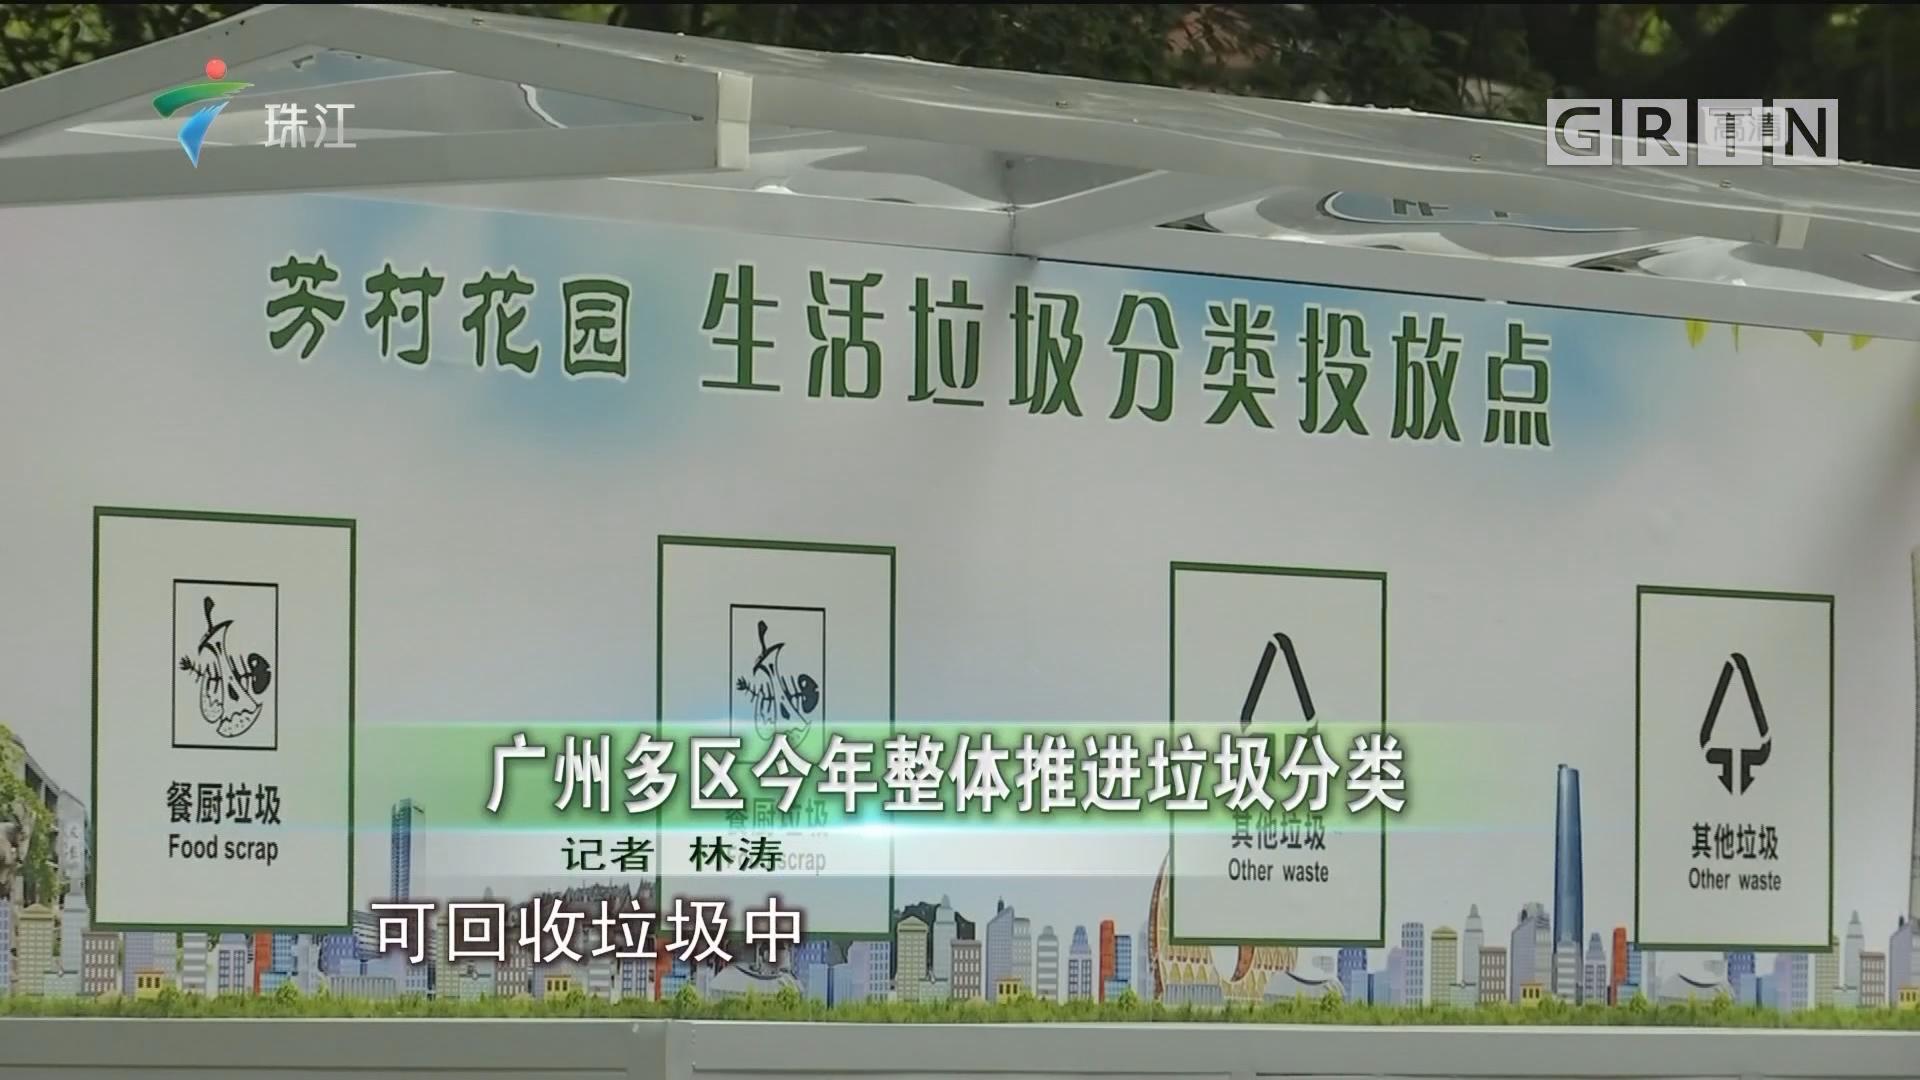 广州多区今年整体推进垃圾分类